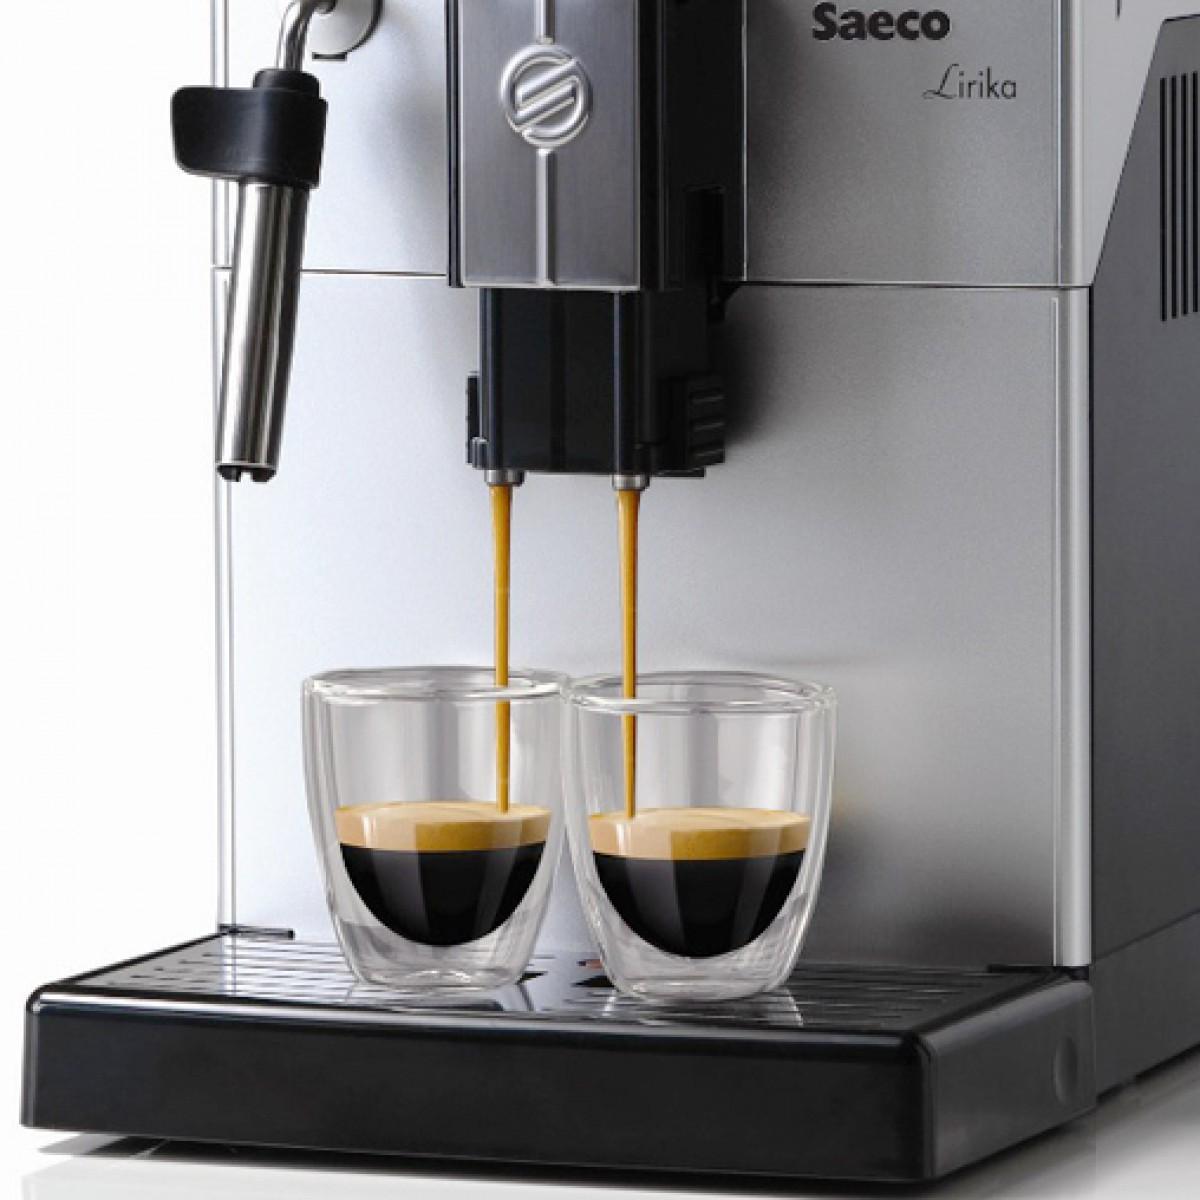 Cafeteira Automática Saeco Lirika Plus 110v Moedor Visor Iluminado Bomba 15 Bar